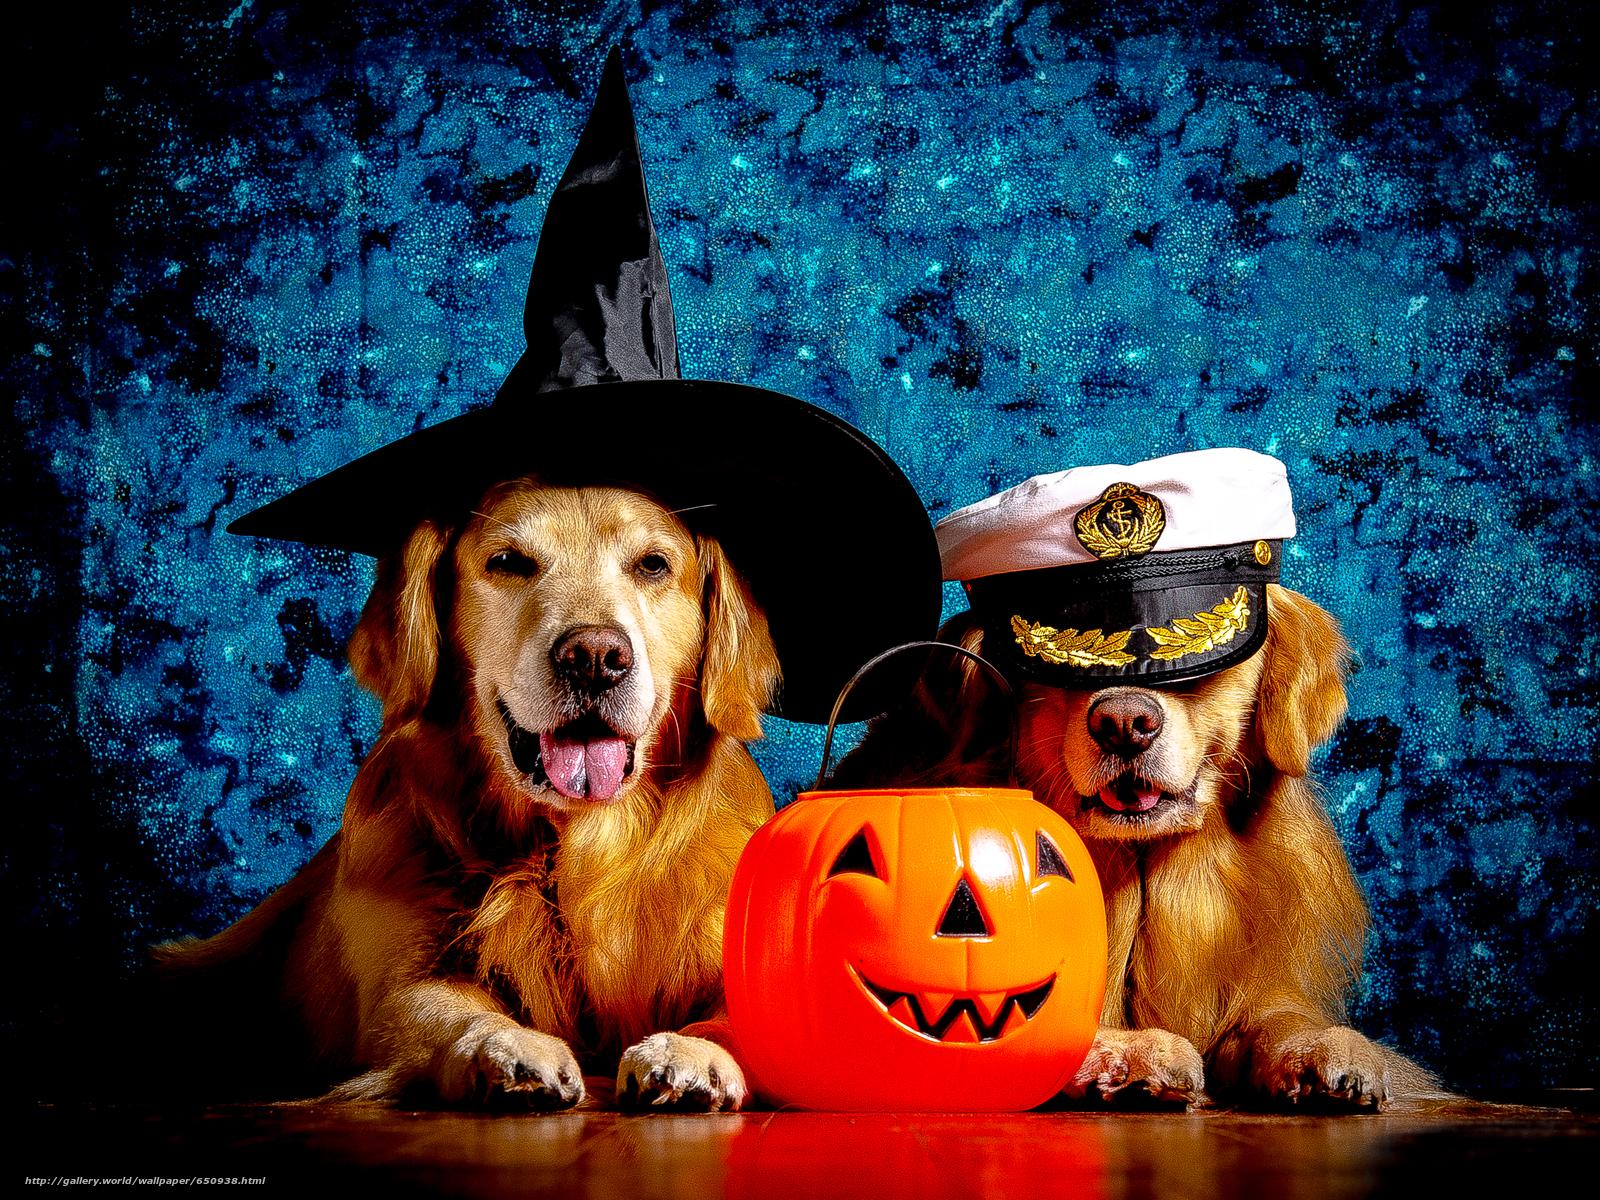 Скачать обои Лабрадор,  красивая собака,  собаки,  прикольная собака бесплатно для рабочего стола в разрешении 3745x2809 — картинка №650938